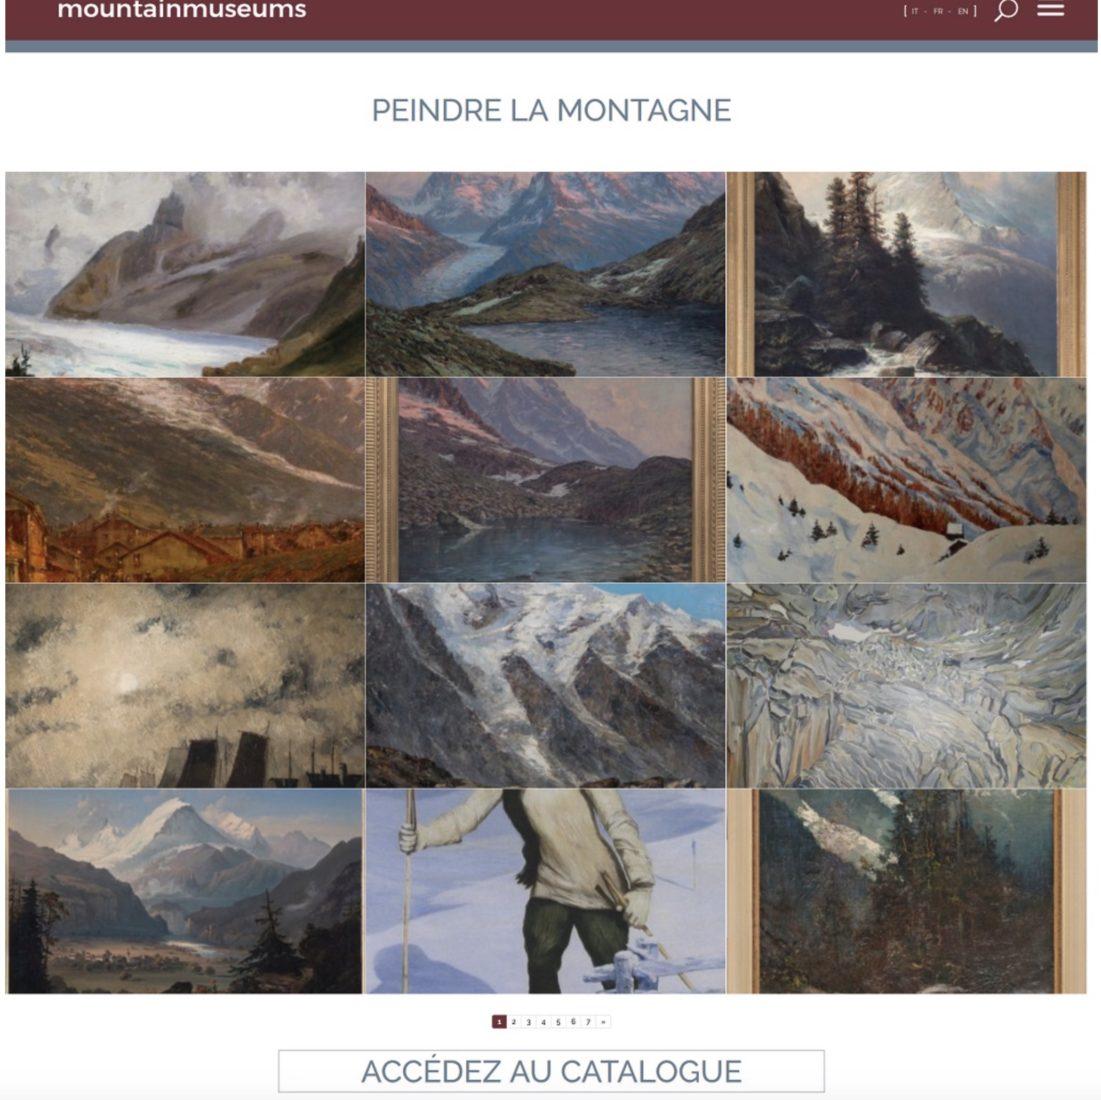 Peindre la montagne - musées alpins de Chamonix et Turin